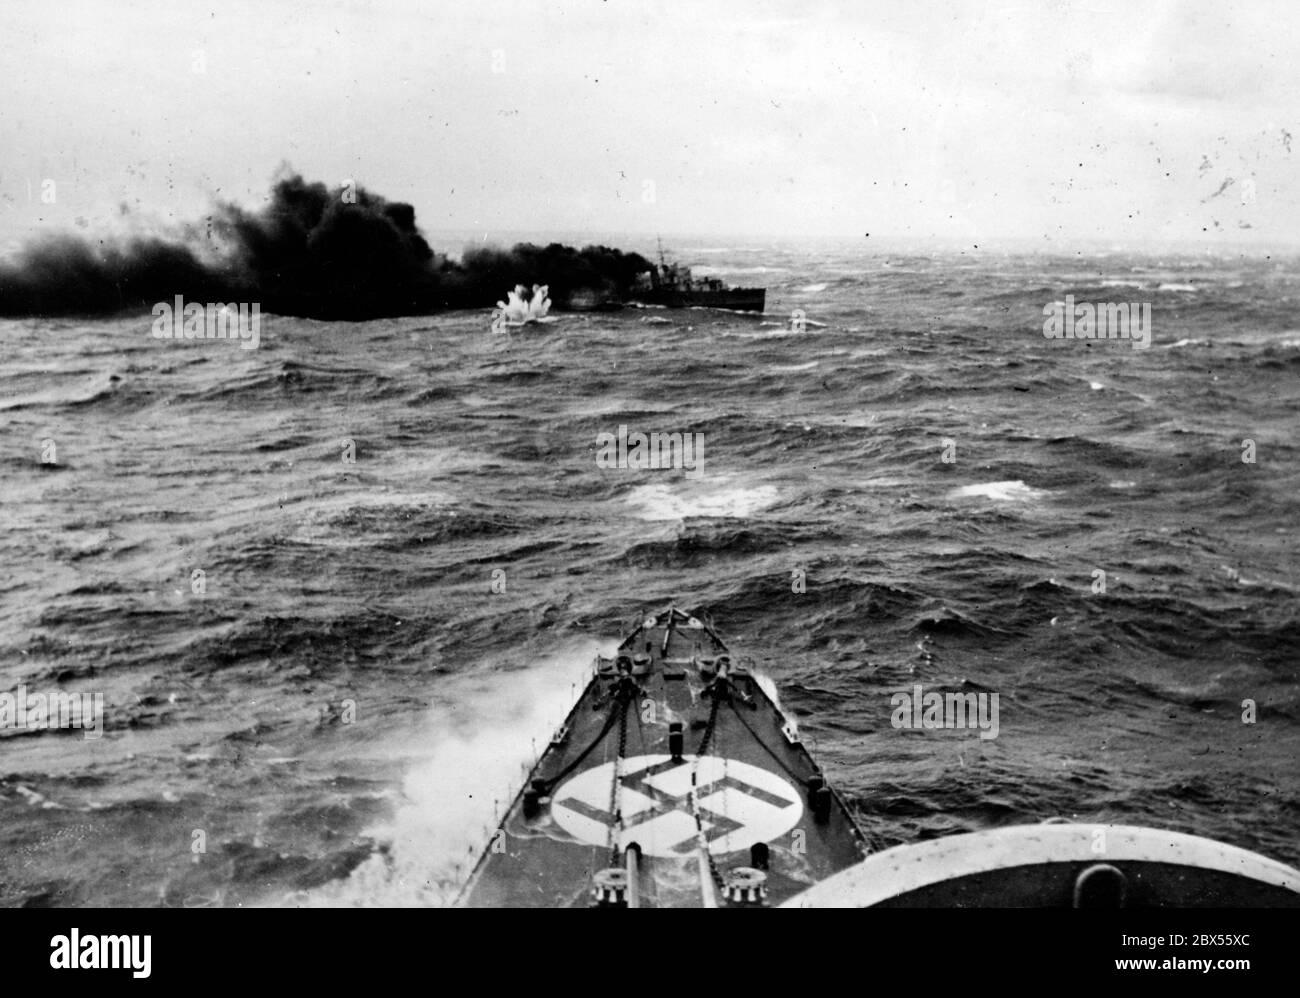 Un destructor inglés es atacado mientras navega a Noruega. En primer plano está el arco de un buque de guerra alemán. Este es probablemente el hundimiento del destructor británico HMS Glowworm por el crucero pesado alemán Almirante Hipper en 08.04.1940. Foto de stock